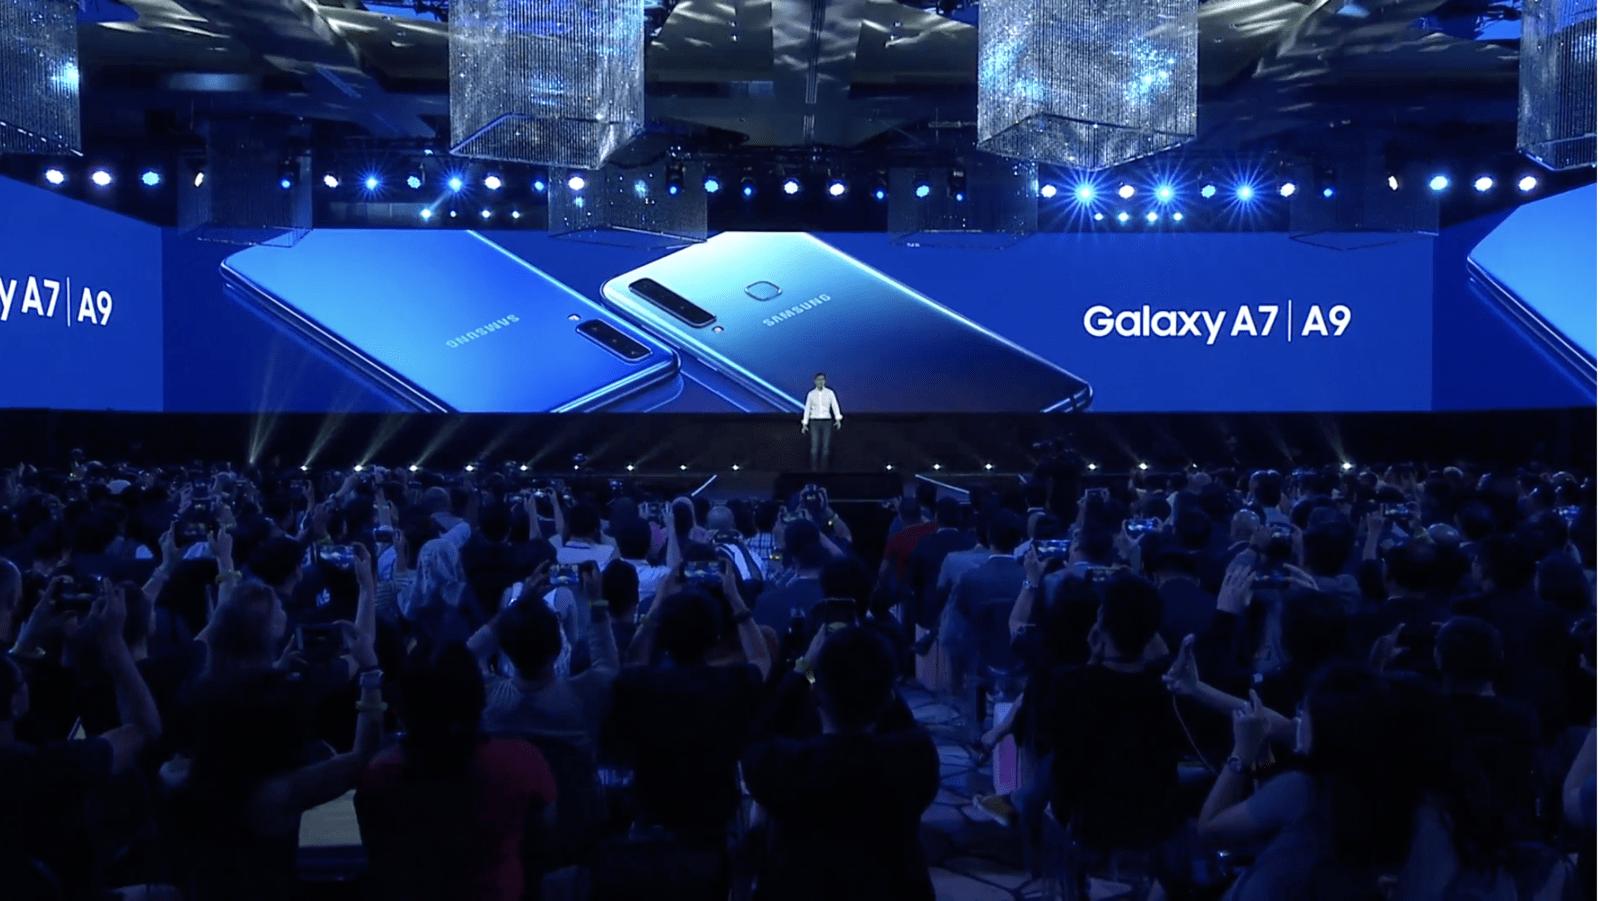 【Samsung A9 2018】三星 Galaxy A9 新版 後置四鏡頭 + 超廣角